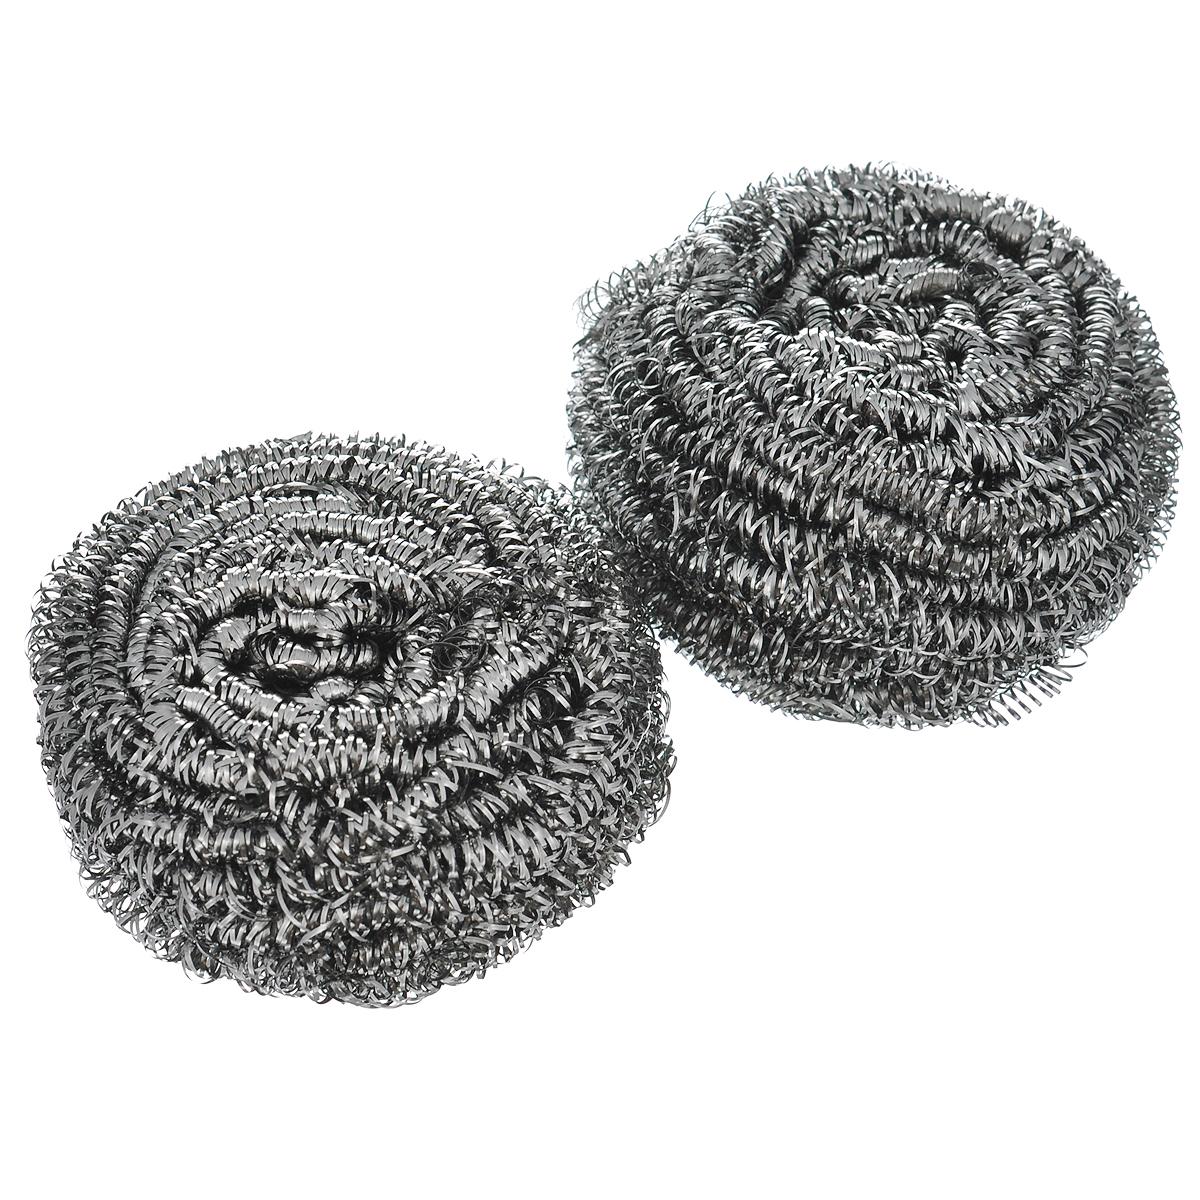 Губка для мытья посуды Vileda Inox, металлическая, 2 шт32110739Спиралевидные губки Vileda Inox изготовлены из 100% стали и предназначены для очистки металлической посуды и рабочих поверхностей от стойких загрязнений. Не рекомендуется использовать на деликатных поверхностях. Изделия не ржавеют, не колют руки, хорошо промываются под струей воды. В наборе - 2 губки. Размер губки: 6 см х 6 см х 4 см. Комплектация: 2 шт.